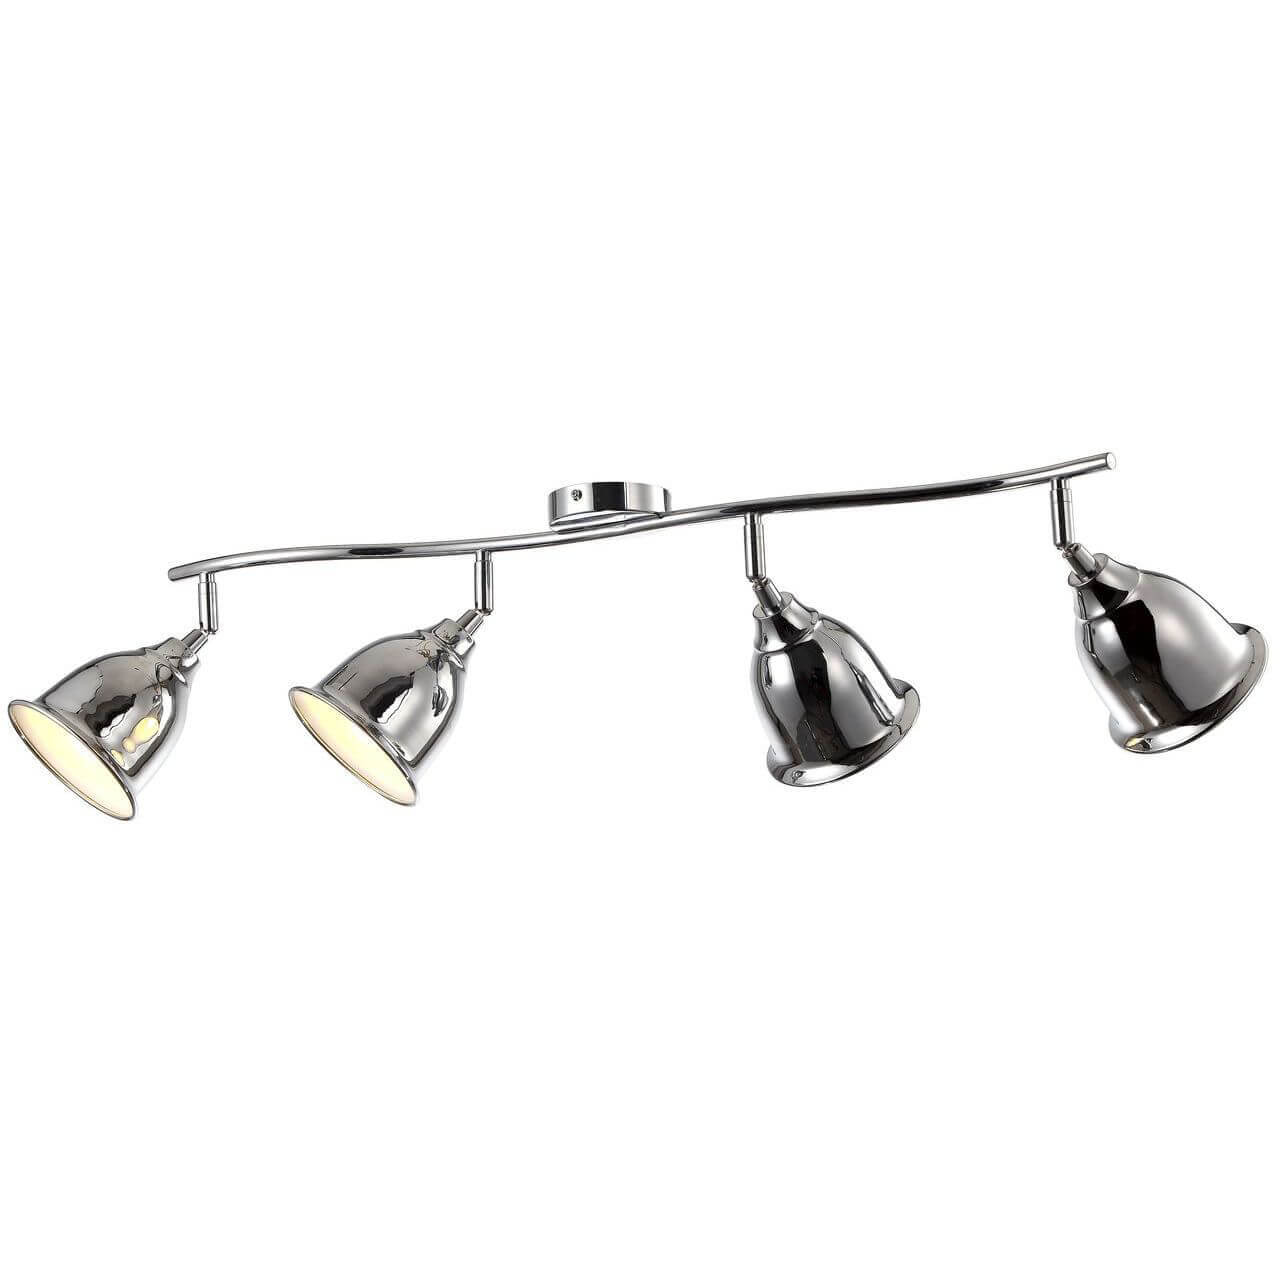 Спот Arte Lamp A9557PL-4CC Campana